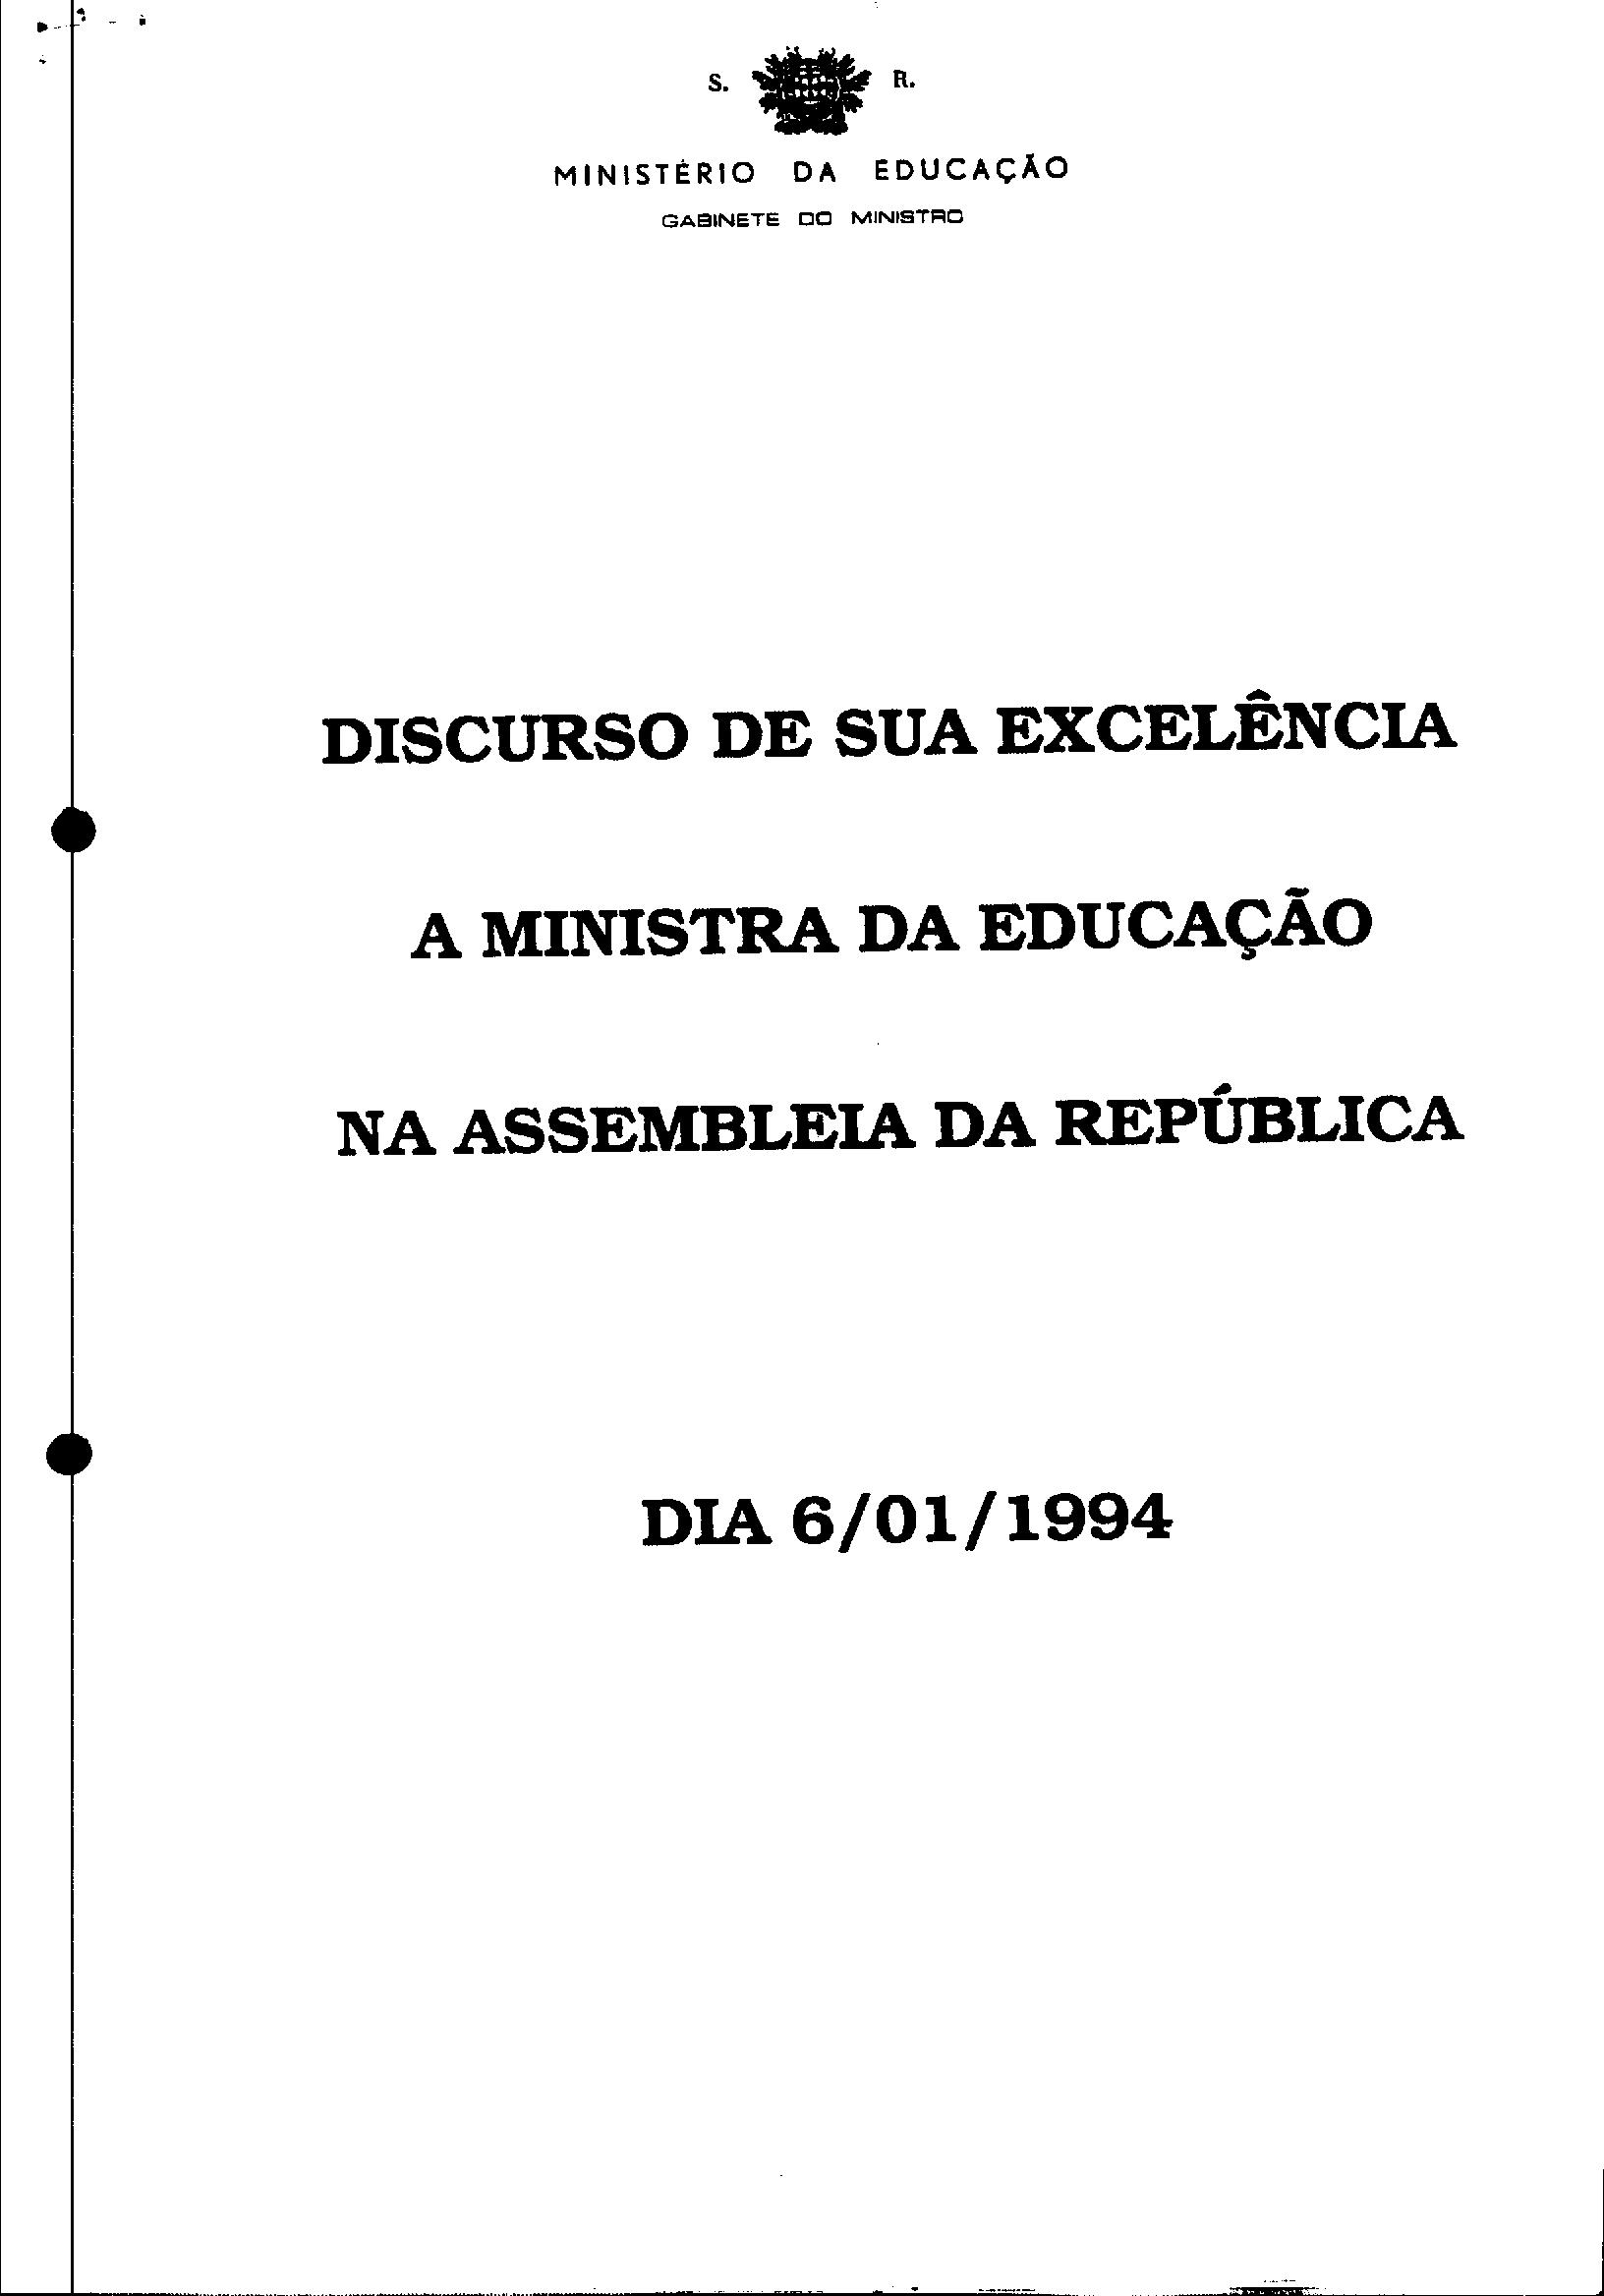 02003.024- pag.2